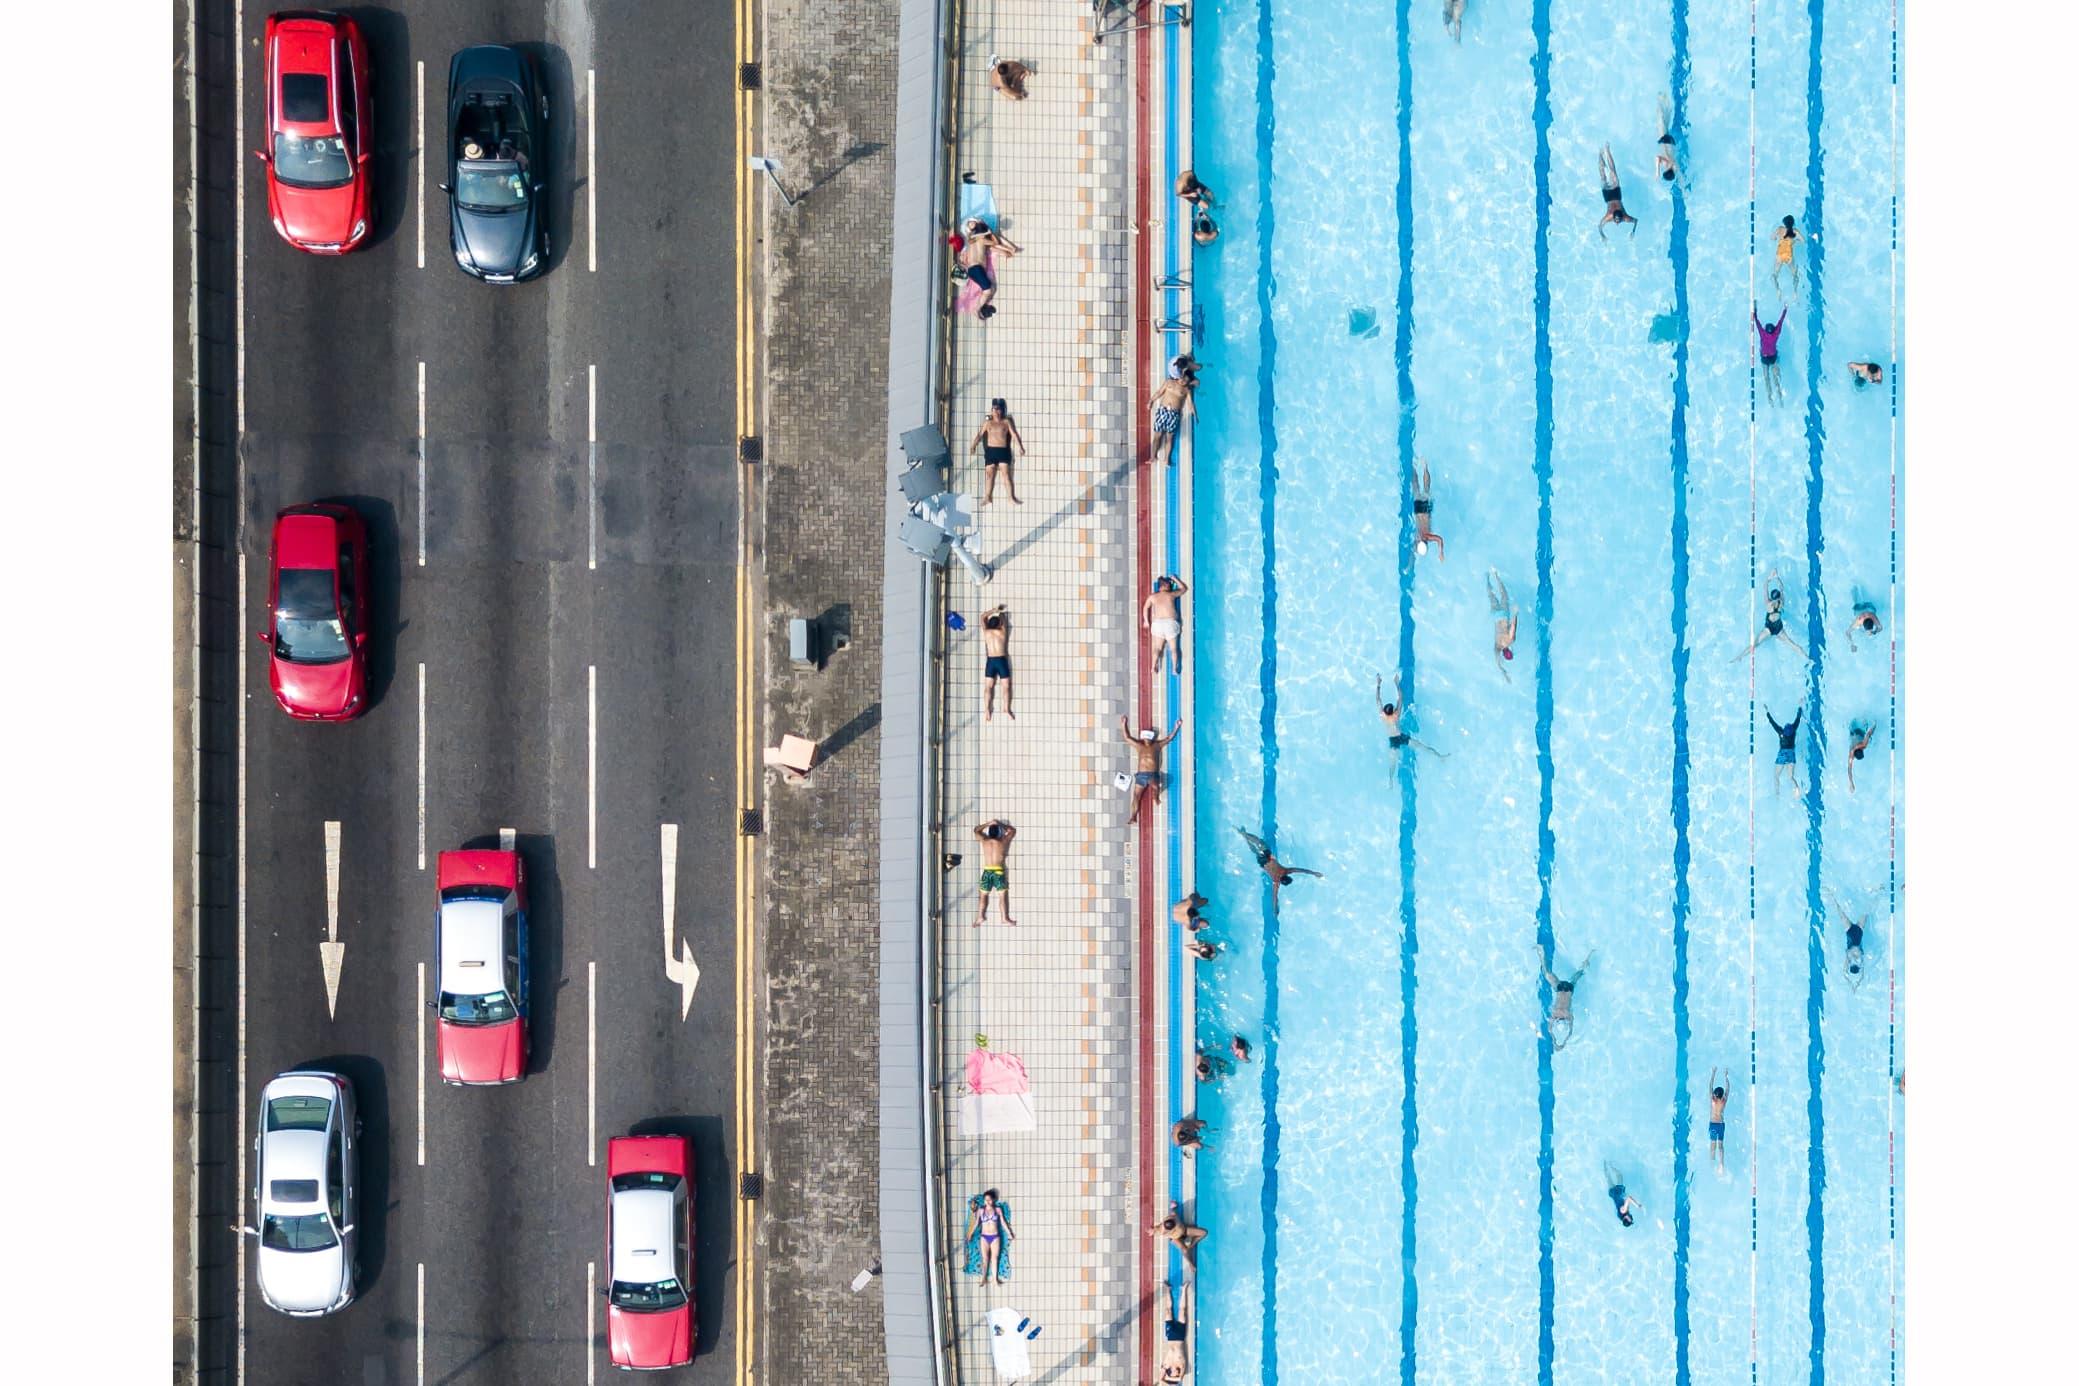 攝影見學-2018 國家地理會德豐香港攝影大賽得獎作品展